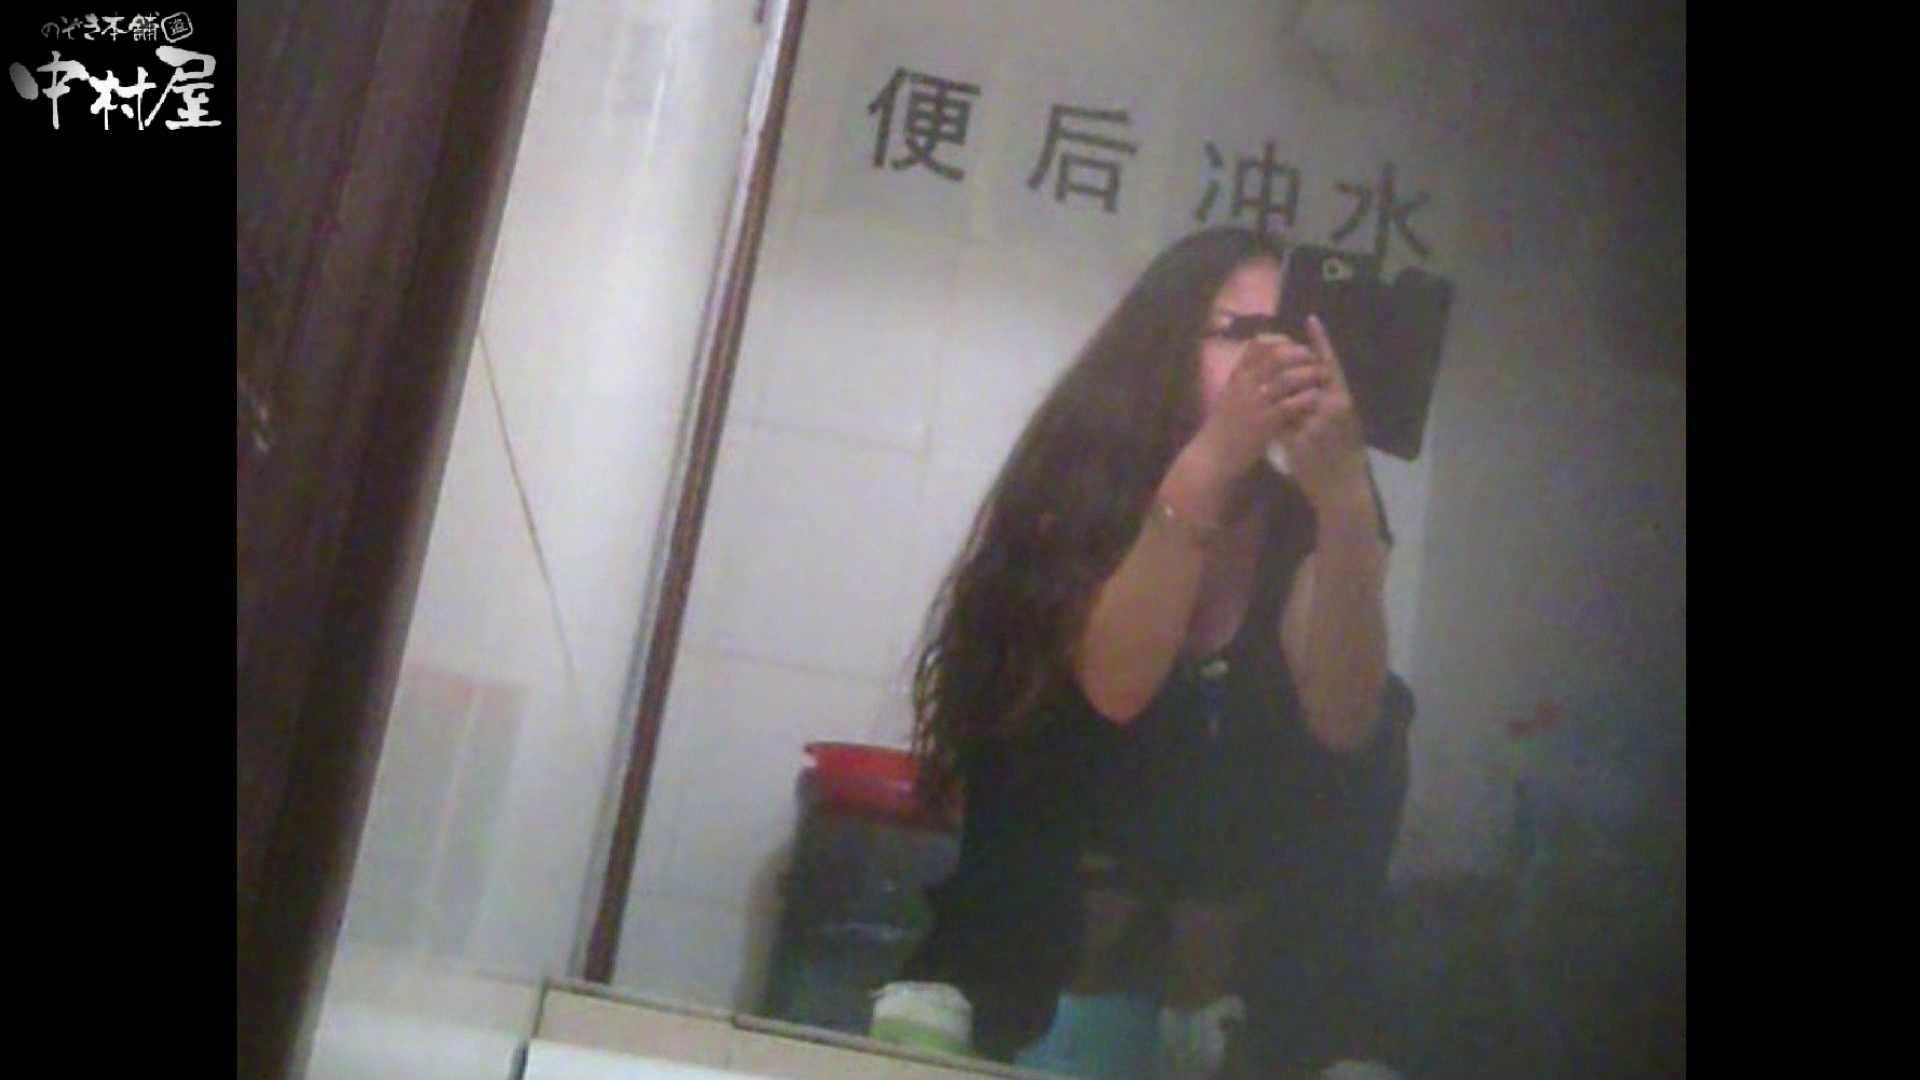 李さんの盗撮日記 Vol.03 トイレの中の女の子 セックス画像 77連発 52